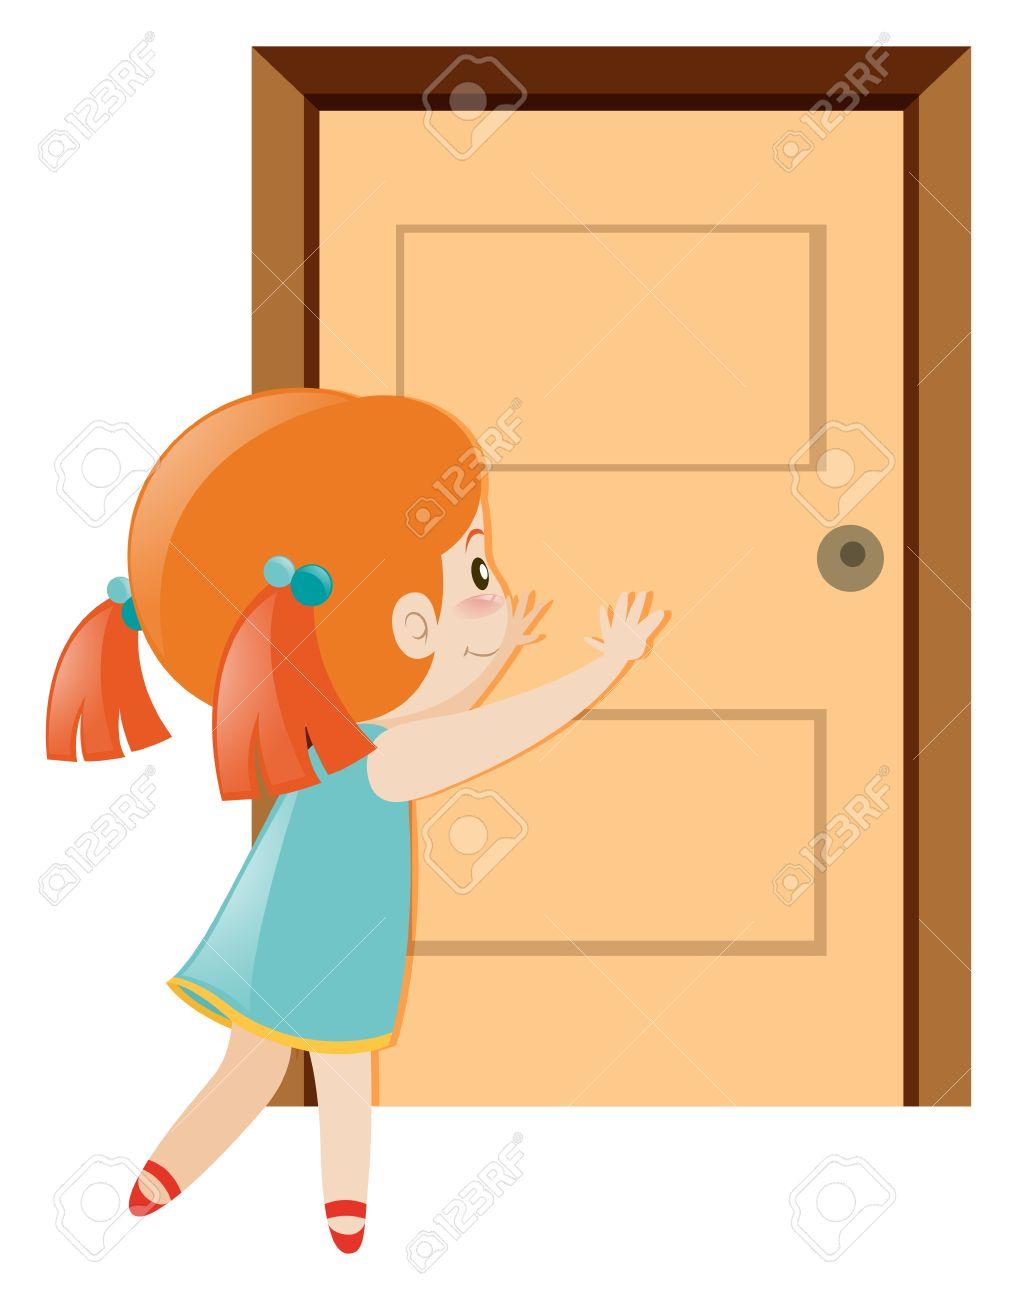 Little girl pushing the door open illustration - 64324229